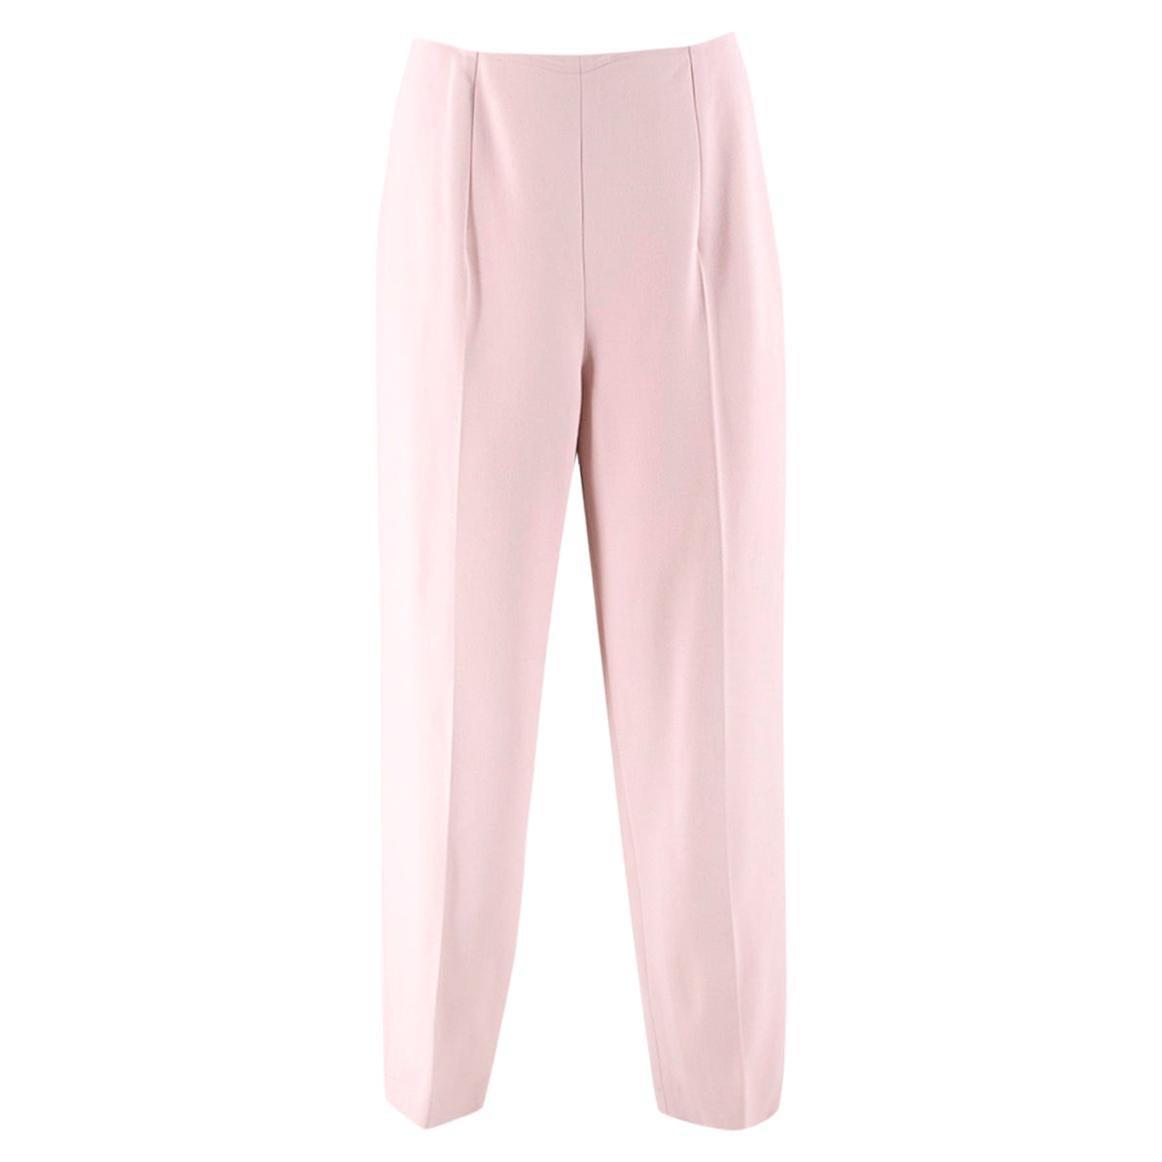 Alexander McQueen Dusty Pink Wool Trousers - Size US 6